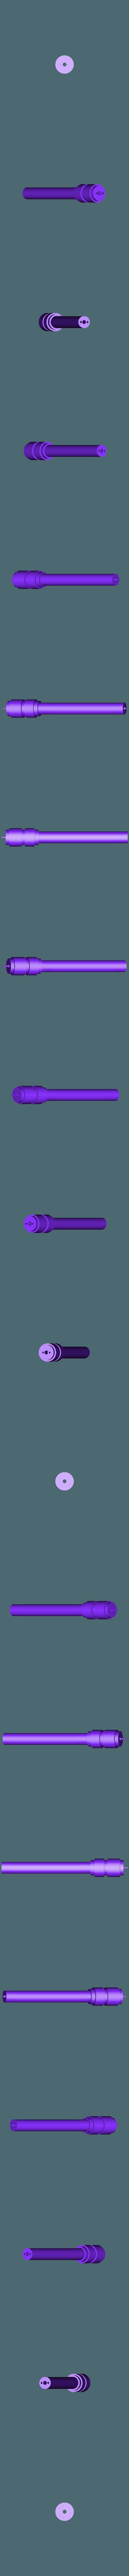 handleL.stl Télécharger fichier STL gratuit Hache de main de Norn Guild Wars 2 • Modèle pour imprimante 3D, reakain